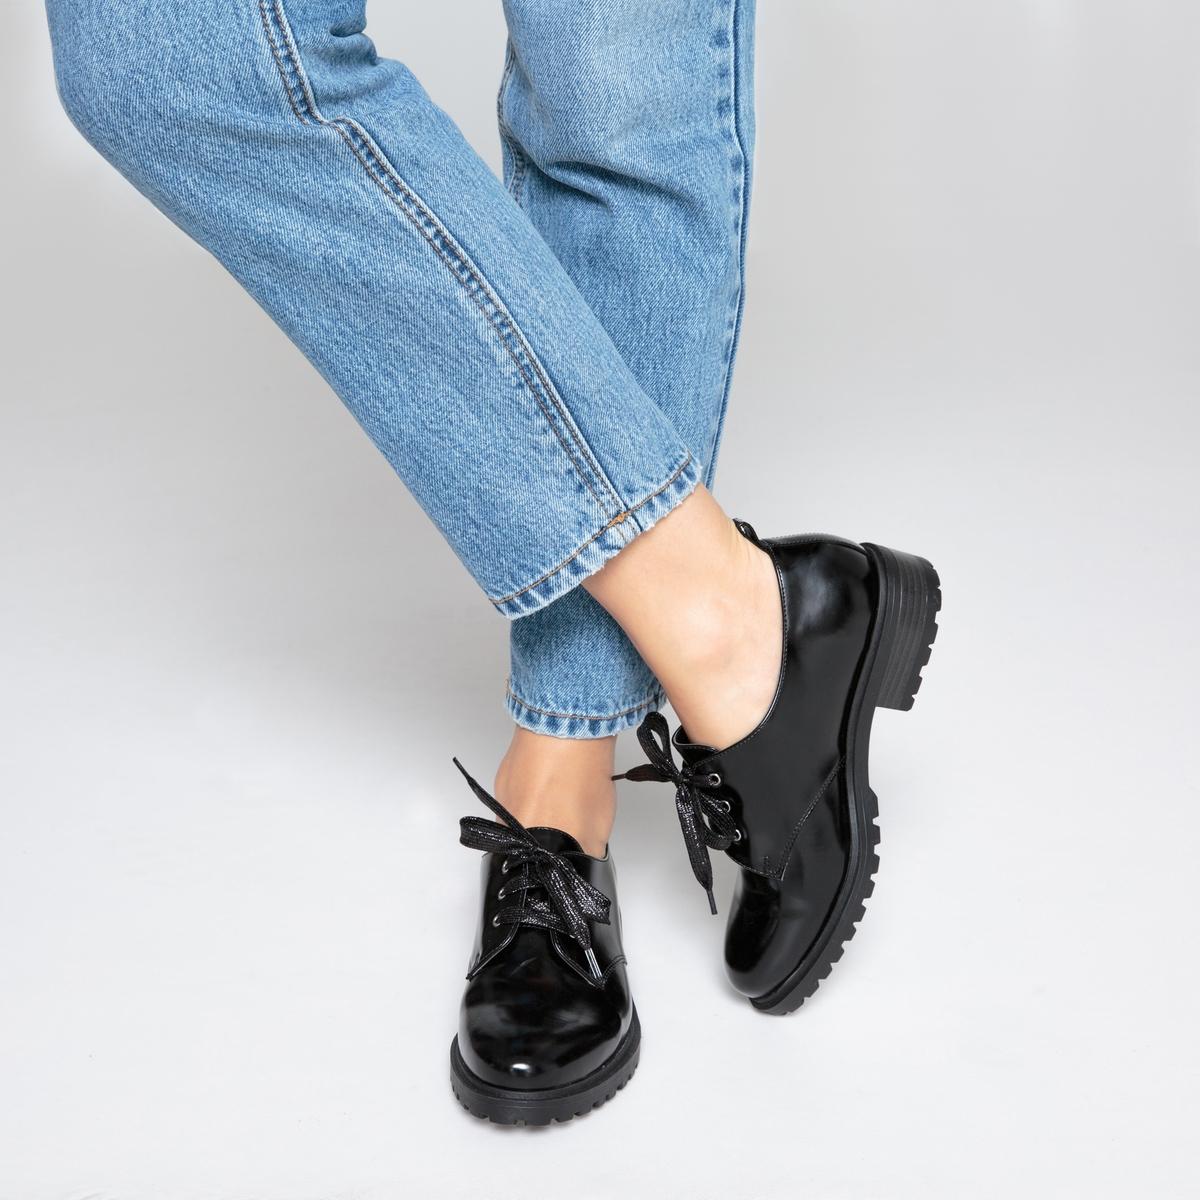 Ботинки-дерби в стиле рокДетали •  Ботинки-дерби •  Высота каблука : 0 см •  Застежка : шнуровка •  Круглый мысок •  Гладкая отделкаСостав и уход •  Верх 100% синтетический материал •  Подкладка 100% текстиль • Стелька 100% кожа  •  Подошва 100% эластомер<br><br>Цвет: черный<br>Размер: 42.37